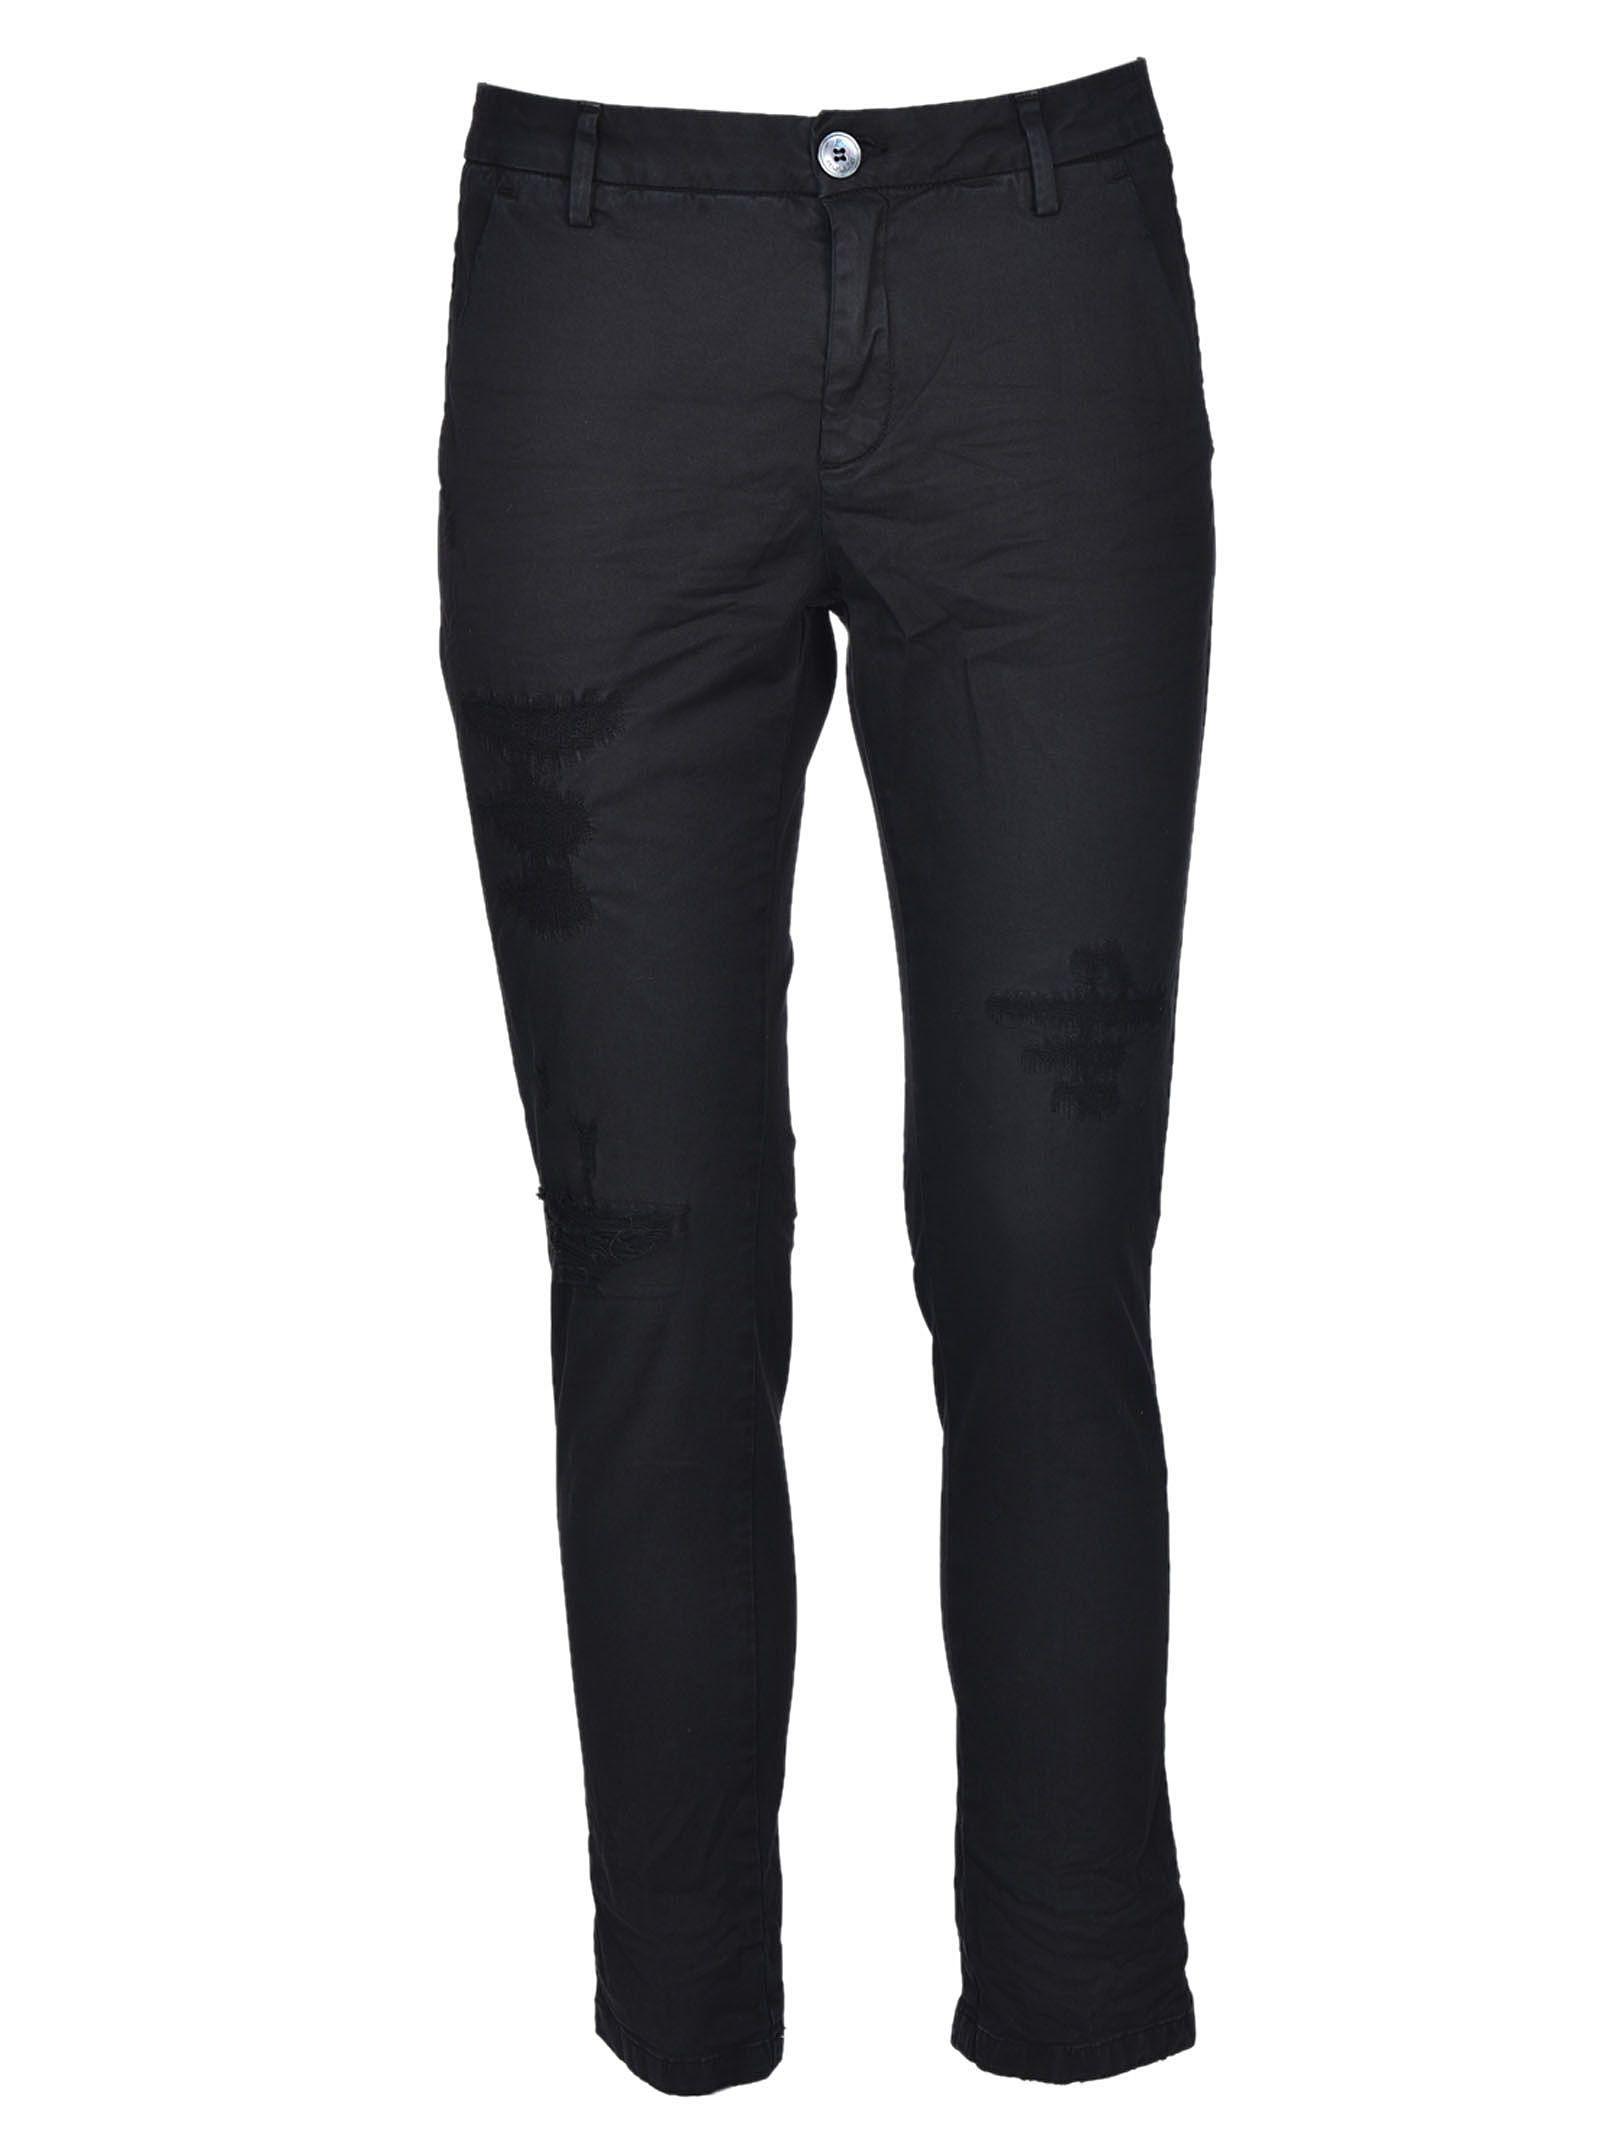 Aglini Distressed Jeans